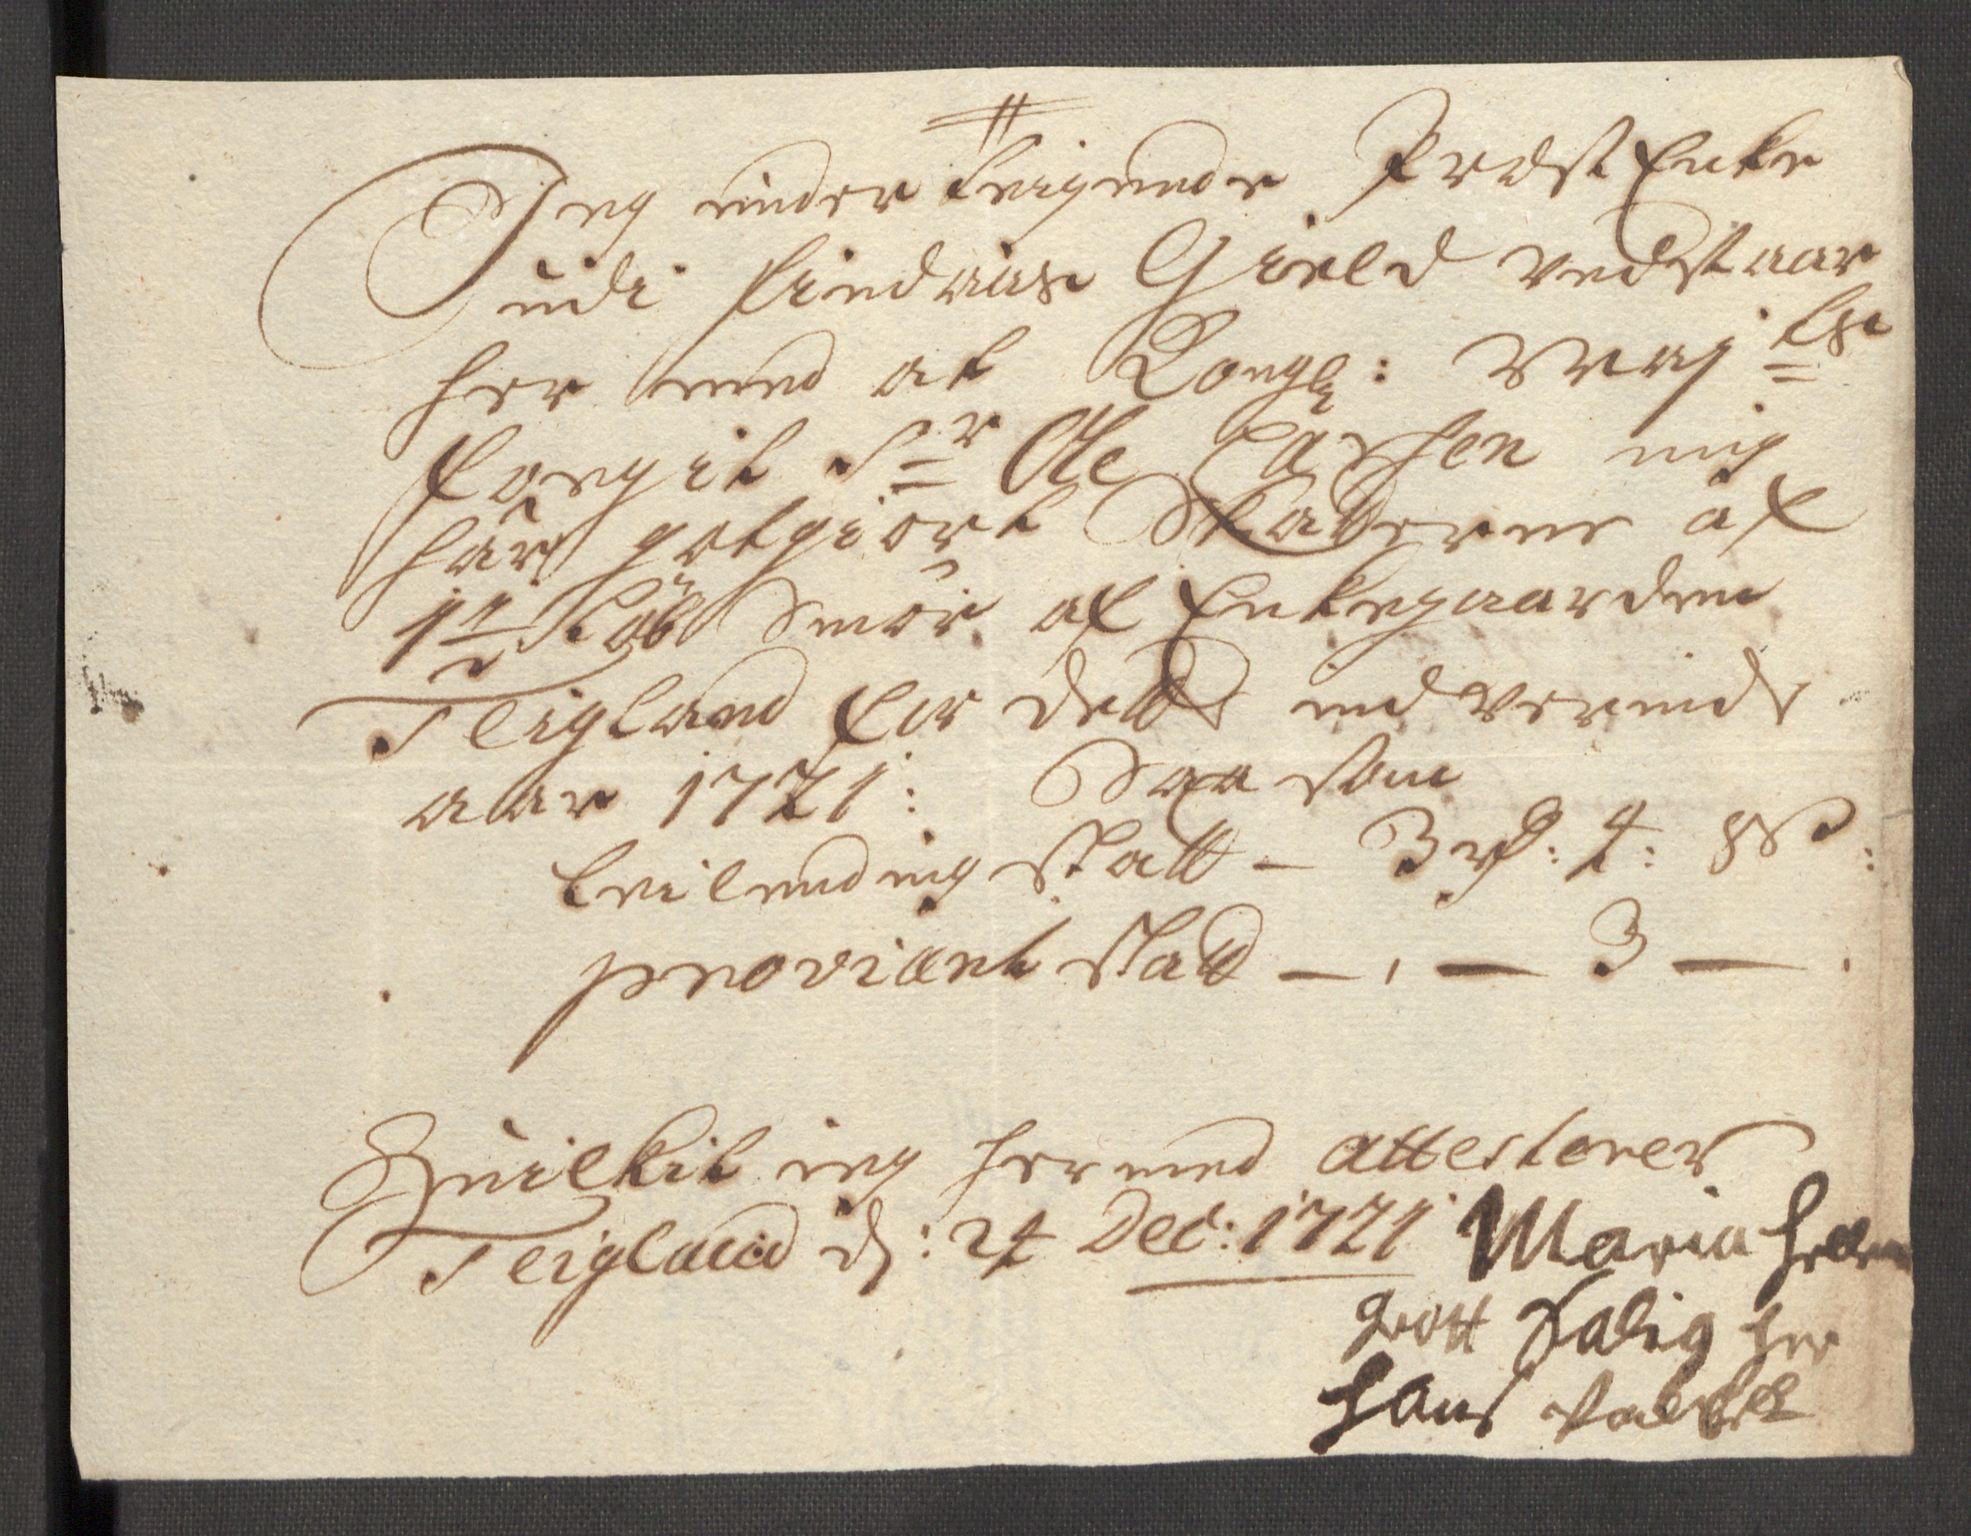 RA, Rentekammeret inntil 1814, Reviderte regnskaper, Fogderegnskap, R48/L3000: Fogderegnskap Sunnhordland og Hardanger, 1721, s. 391